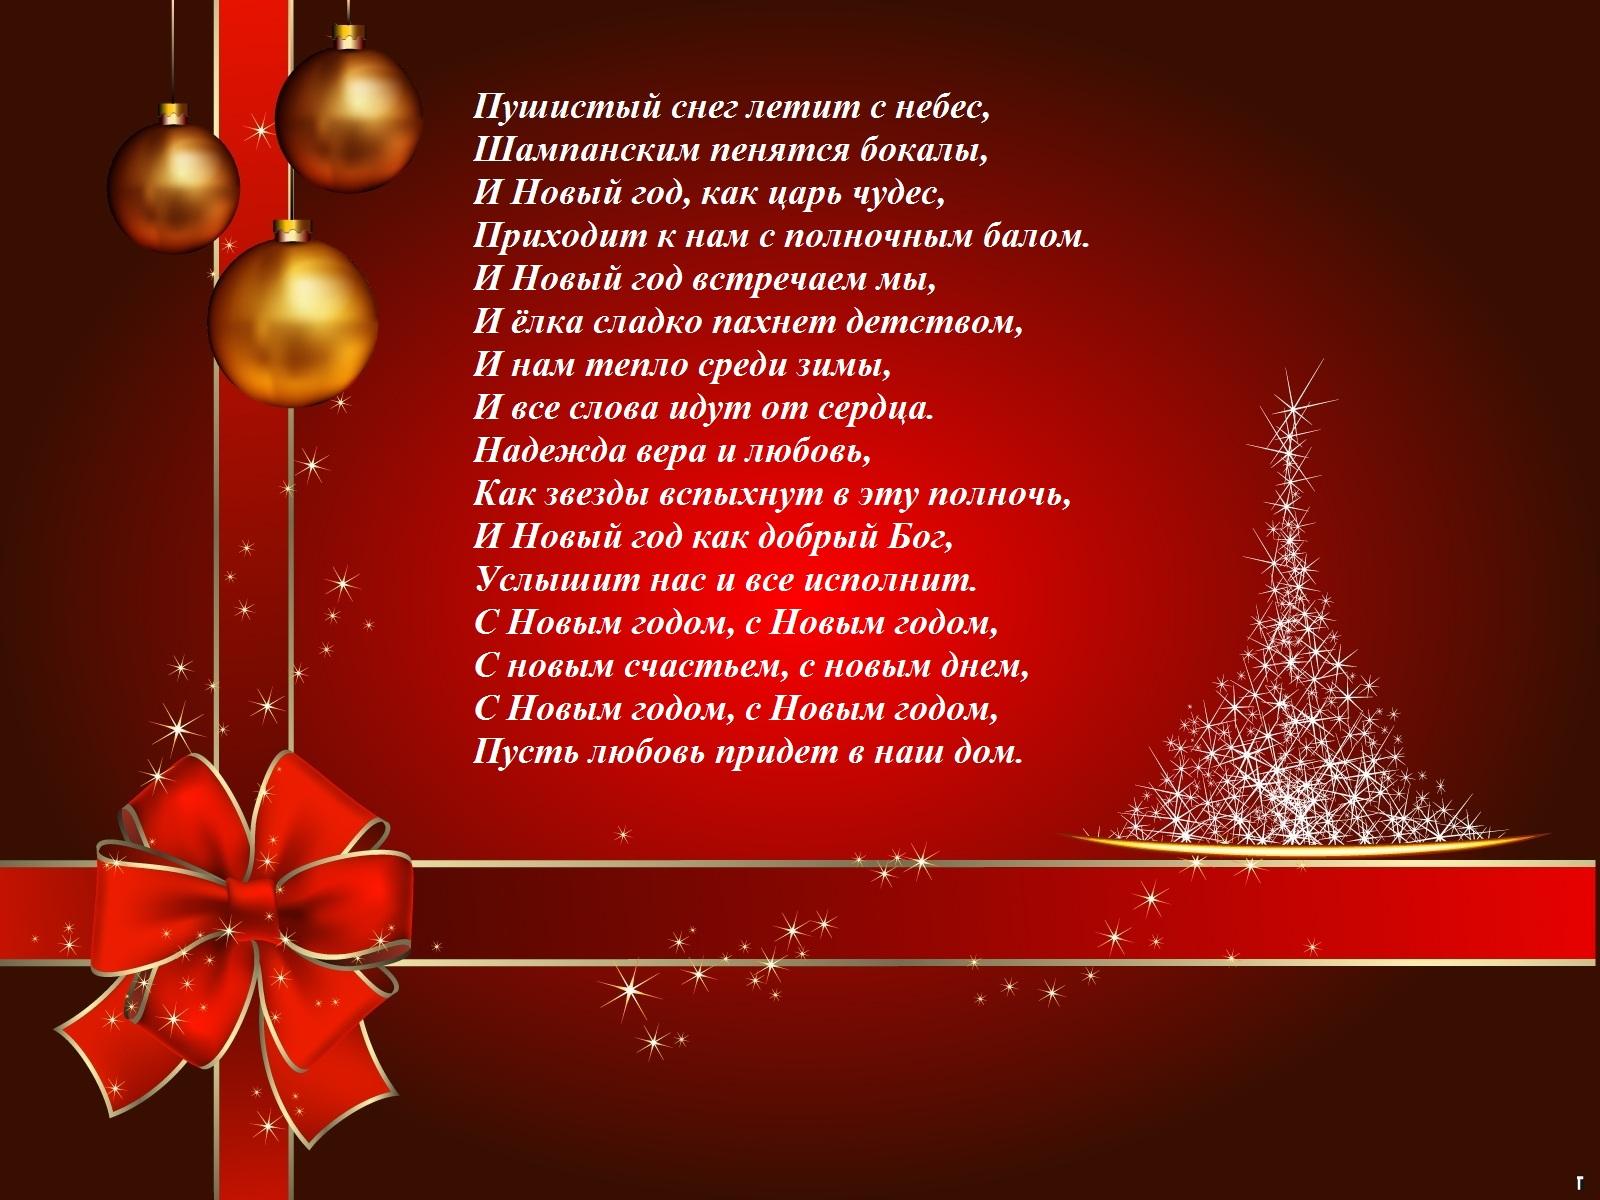 Поздравления с новым годом частушки